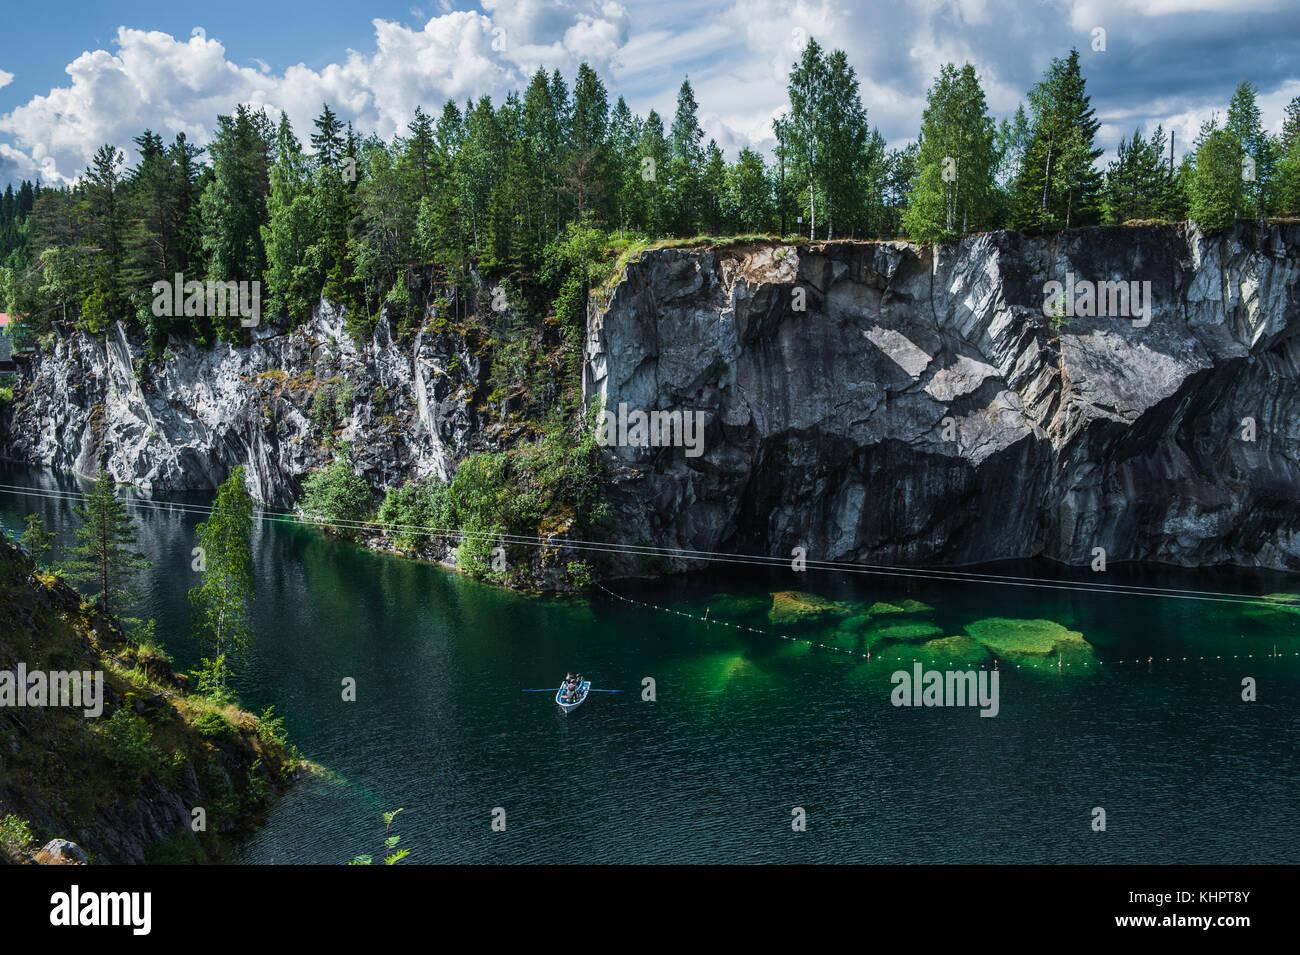 Famous beautiful marble quarry Ruskeala, Karelia, Russia Stock Photo